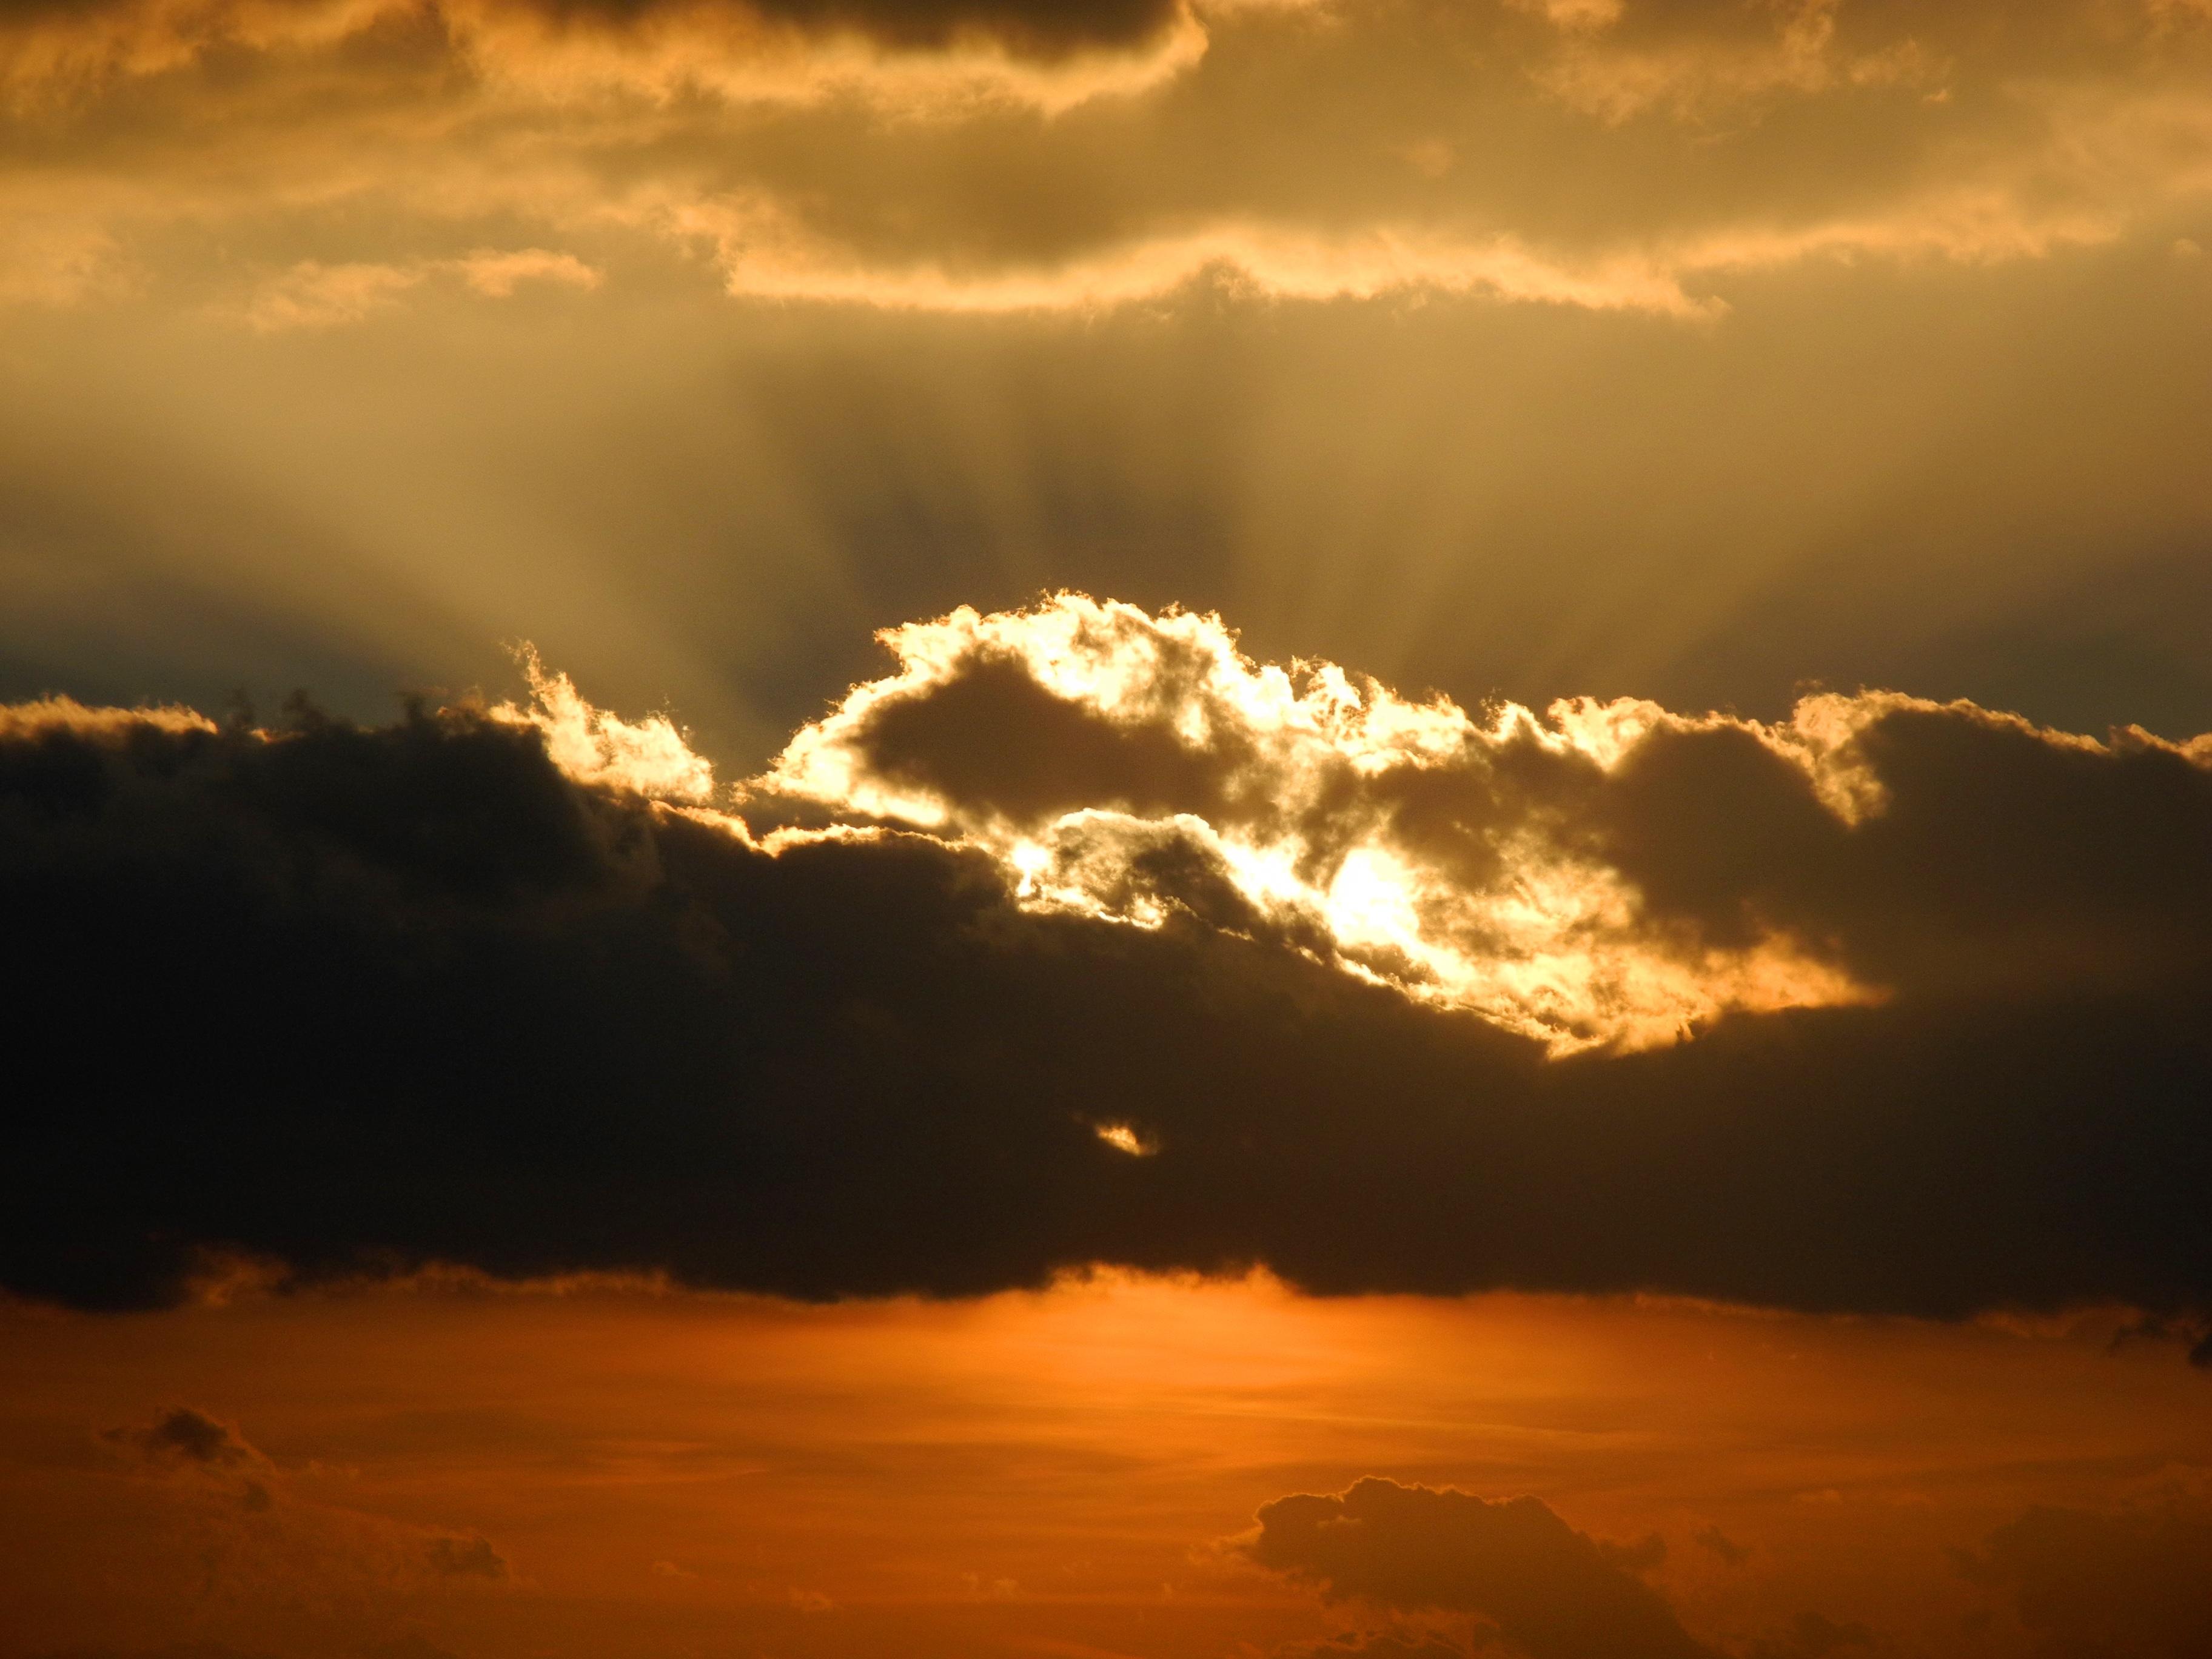 картинка после туч всегда солнце несколько осложняется